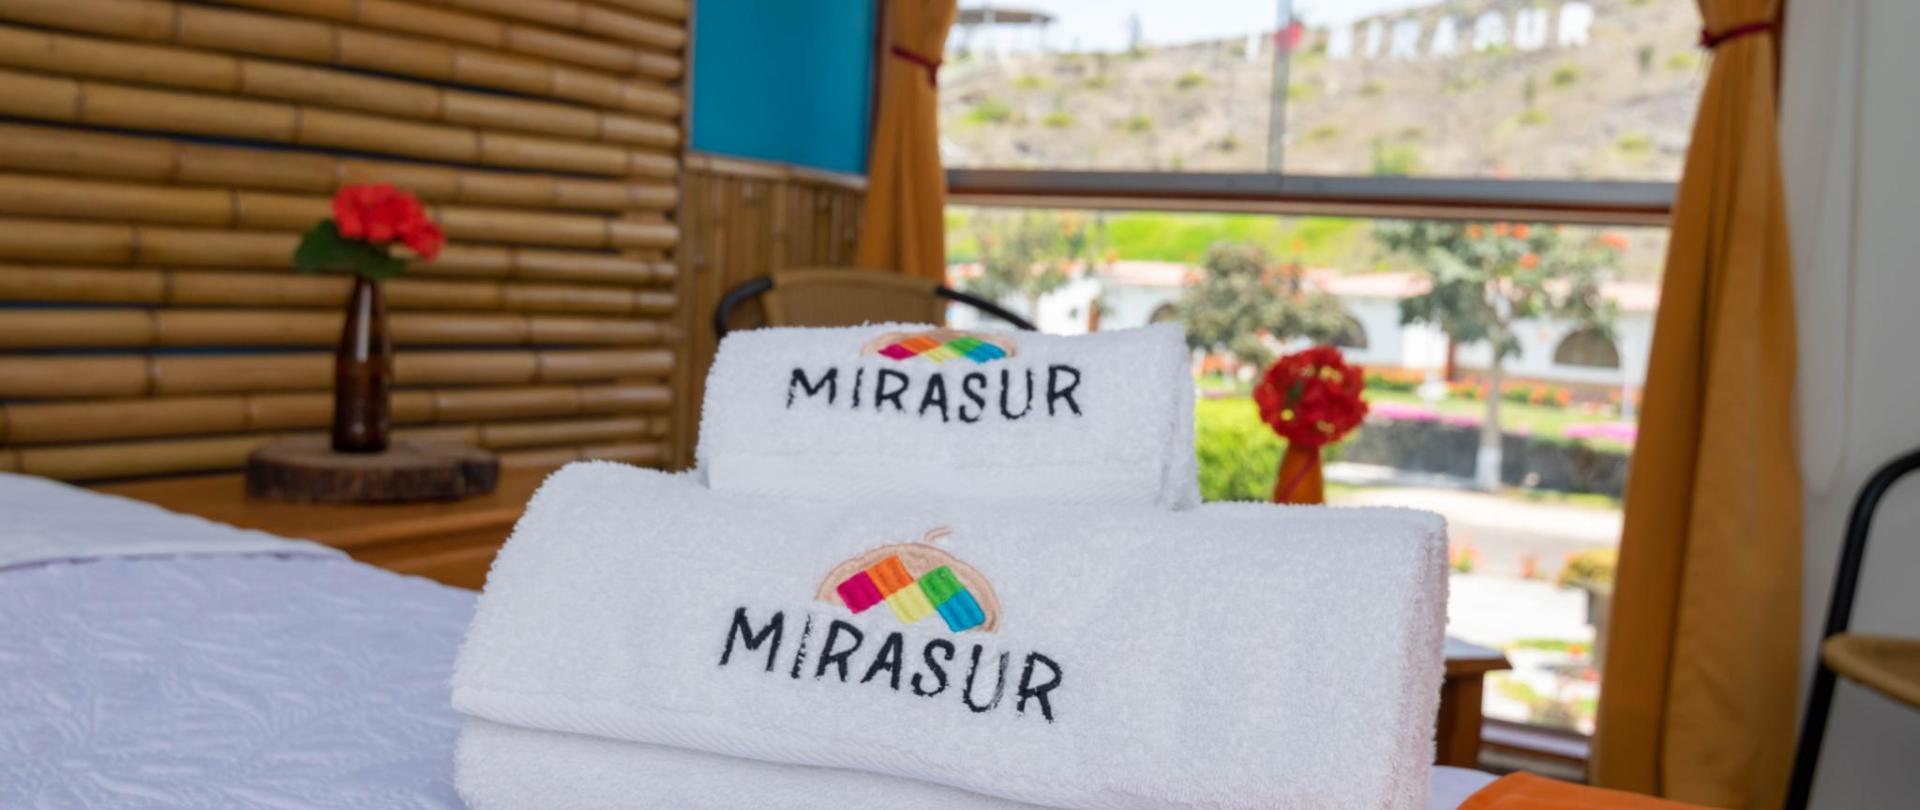 Mirasur (237).jpg